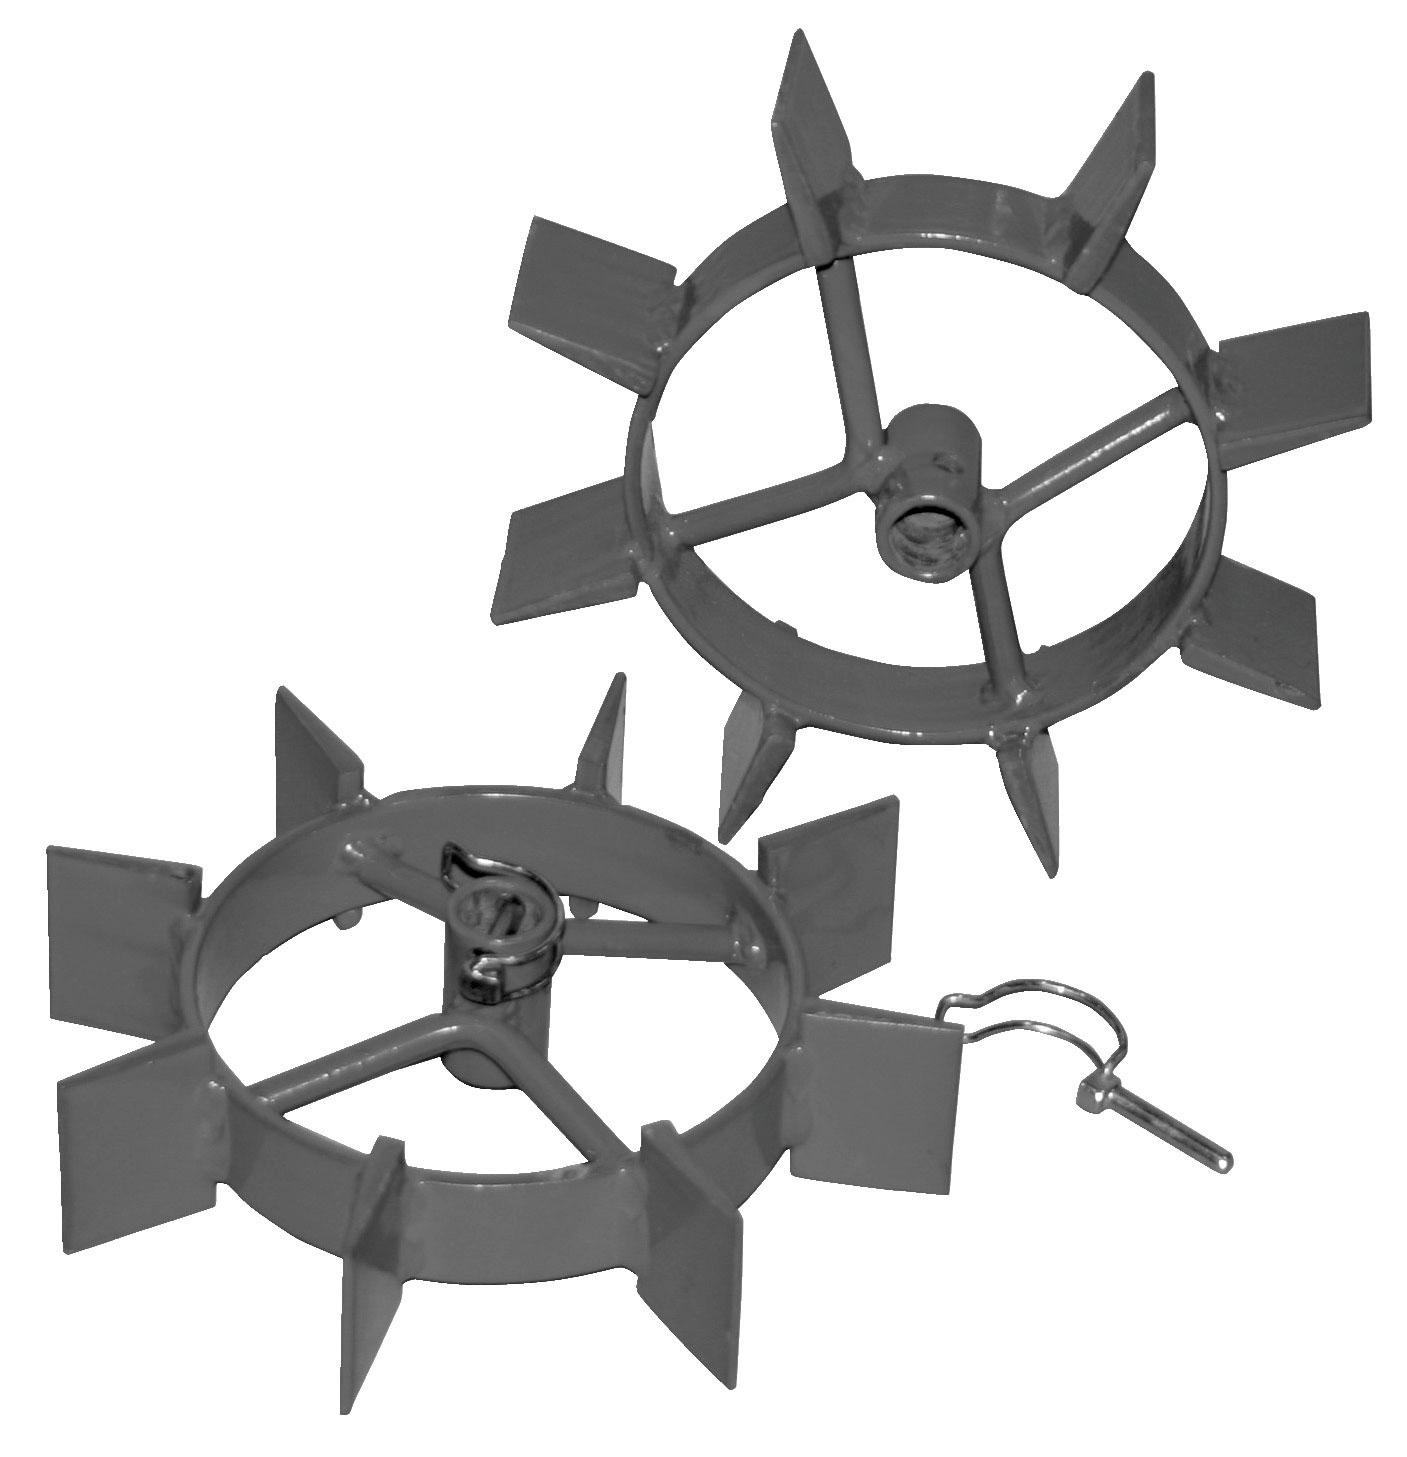 AL-KO Antriebsräder für Motorhacke MH 4001-R / MH 5001-R Bild 1